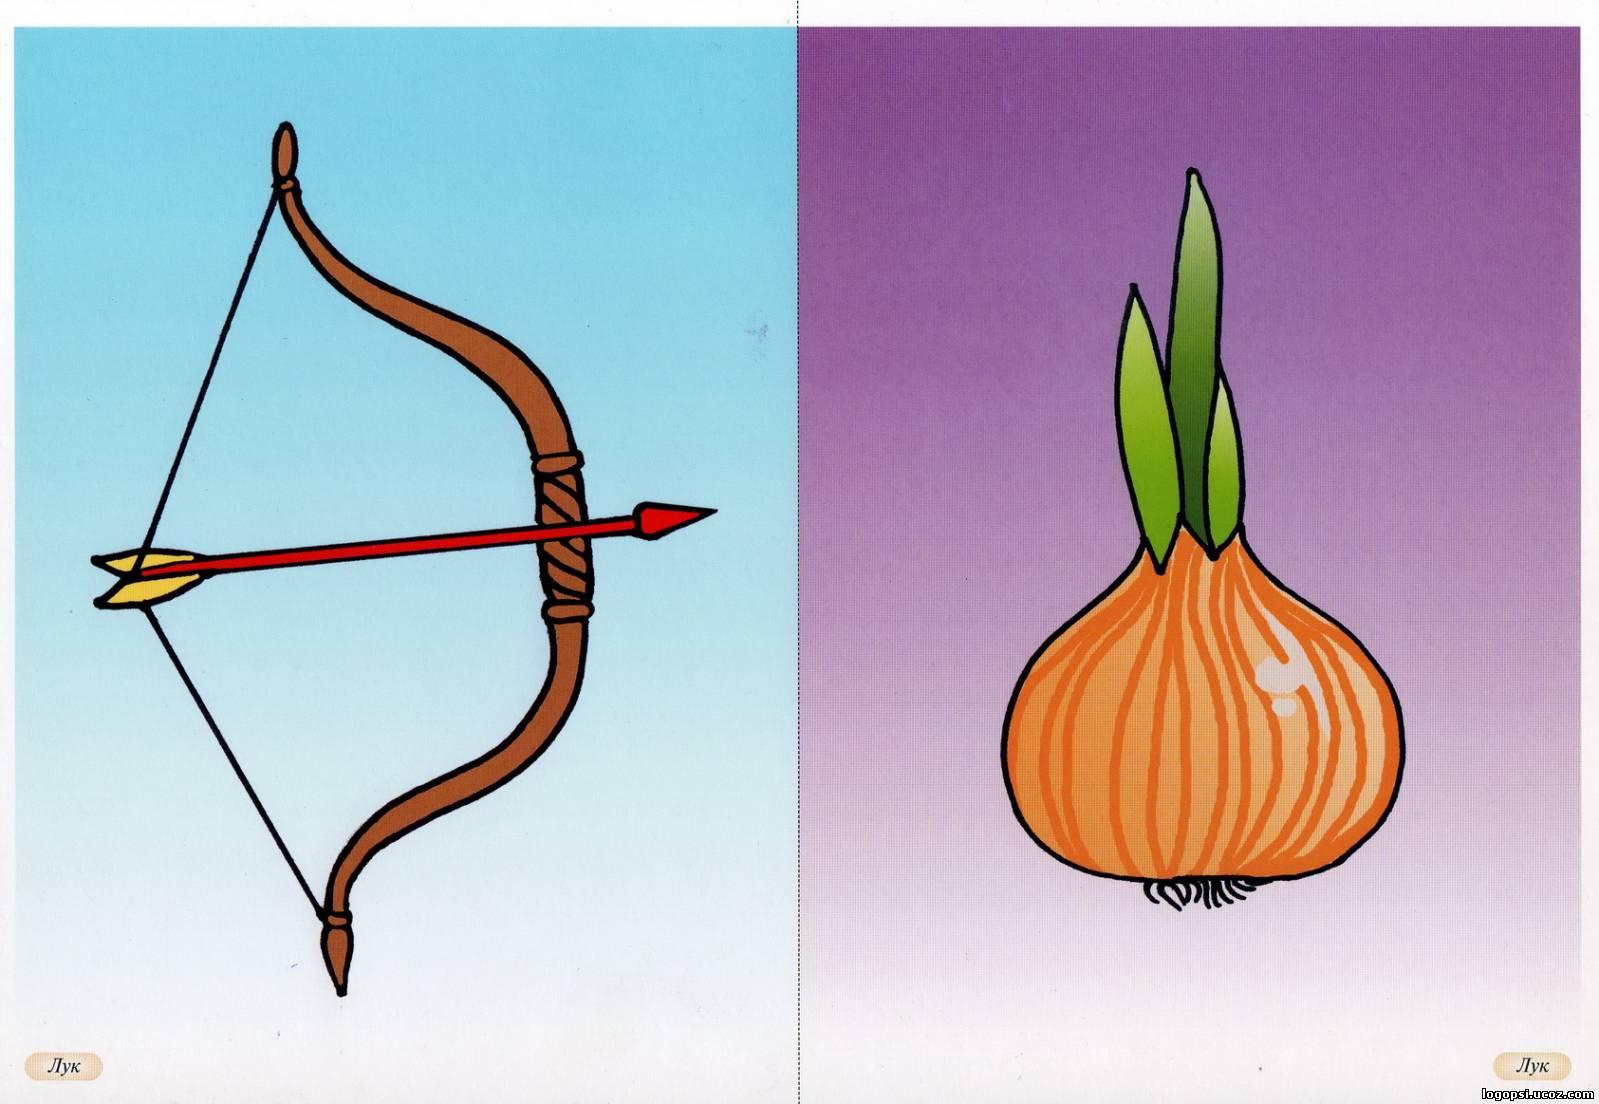 цветы иллюстрации к омонимам осуществляется